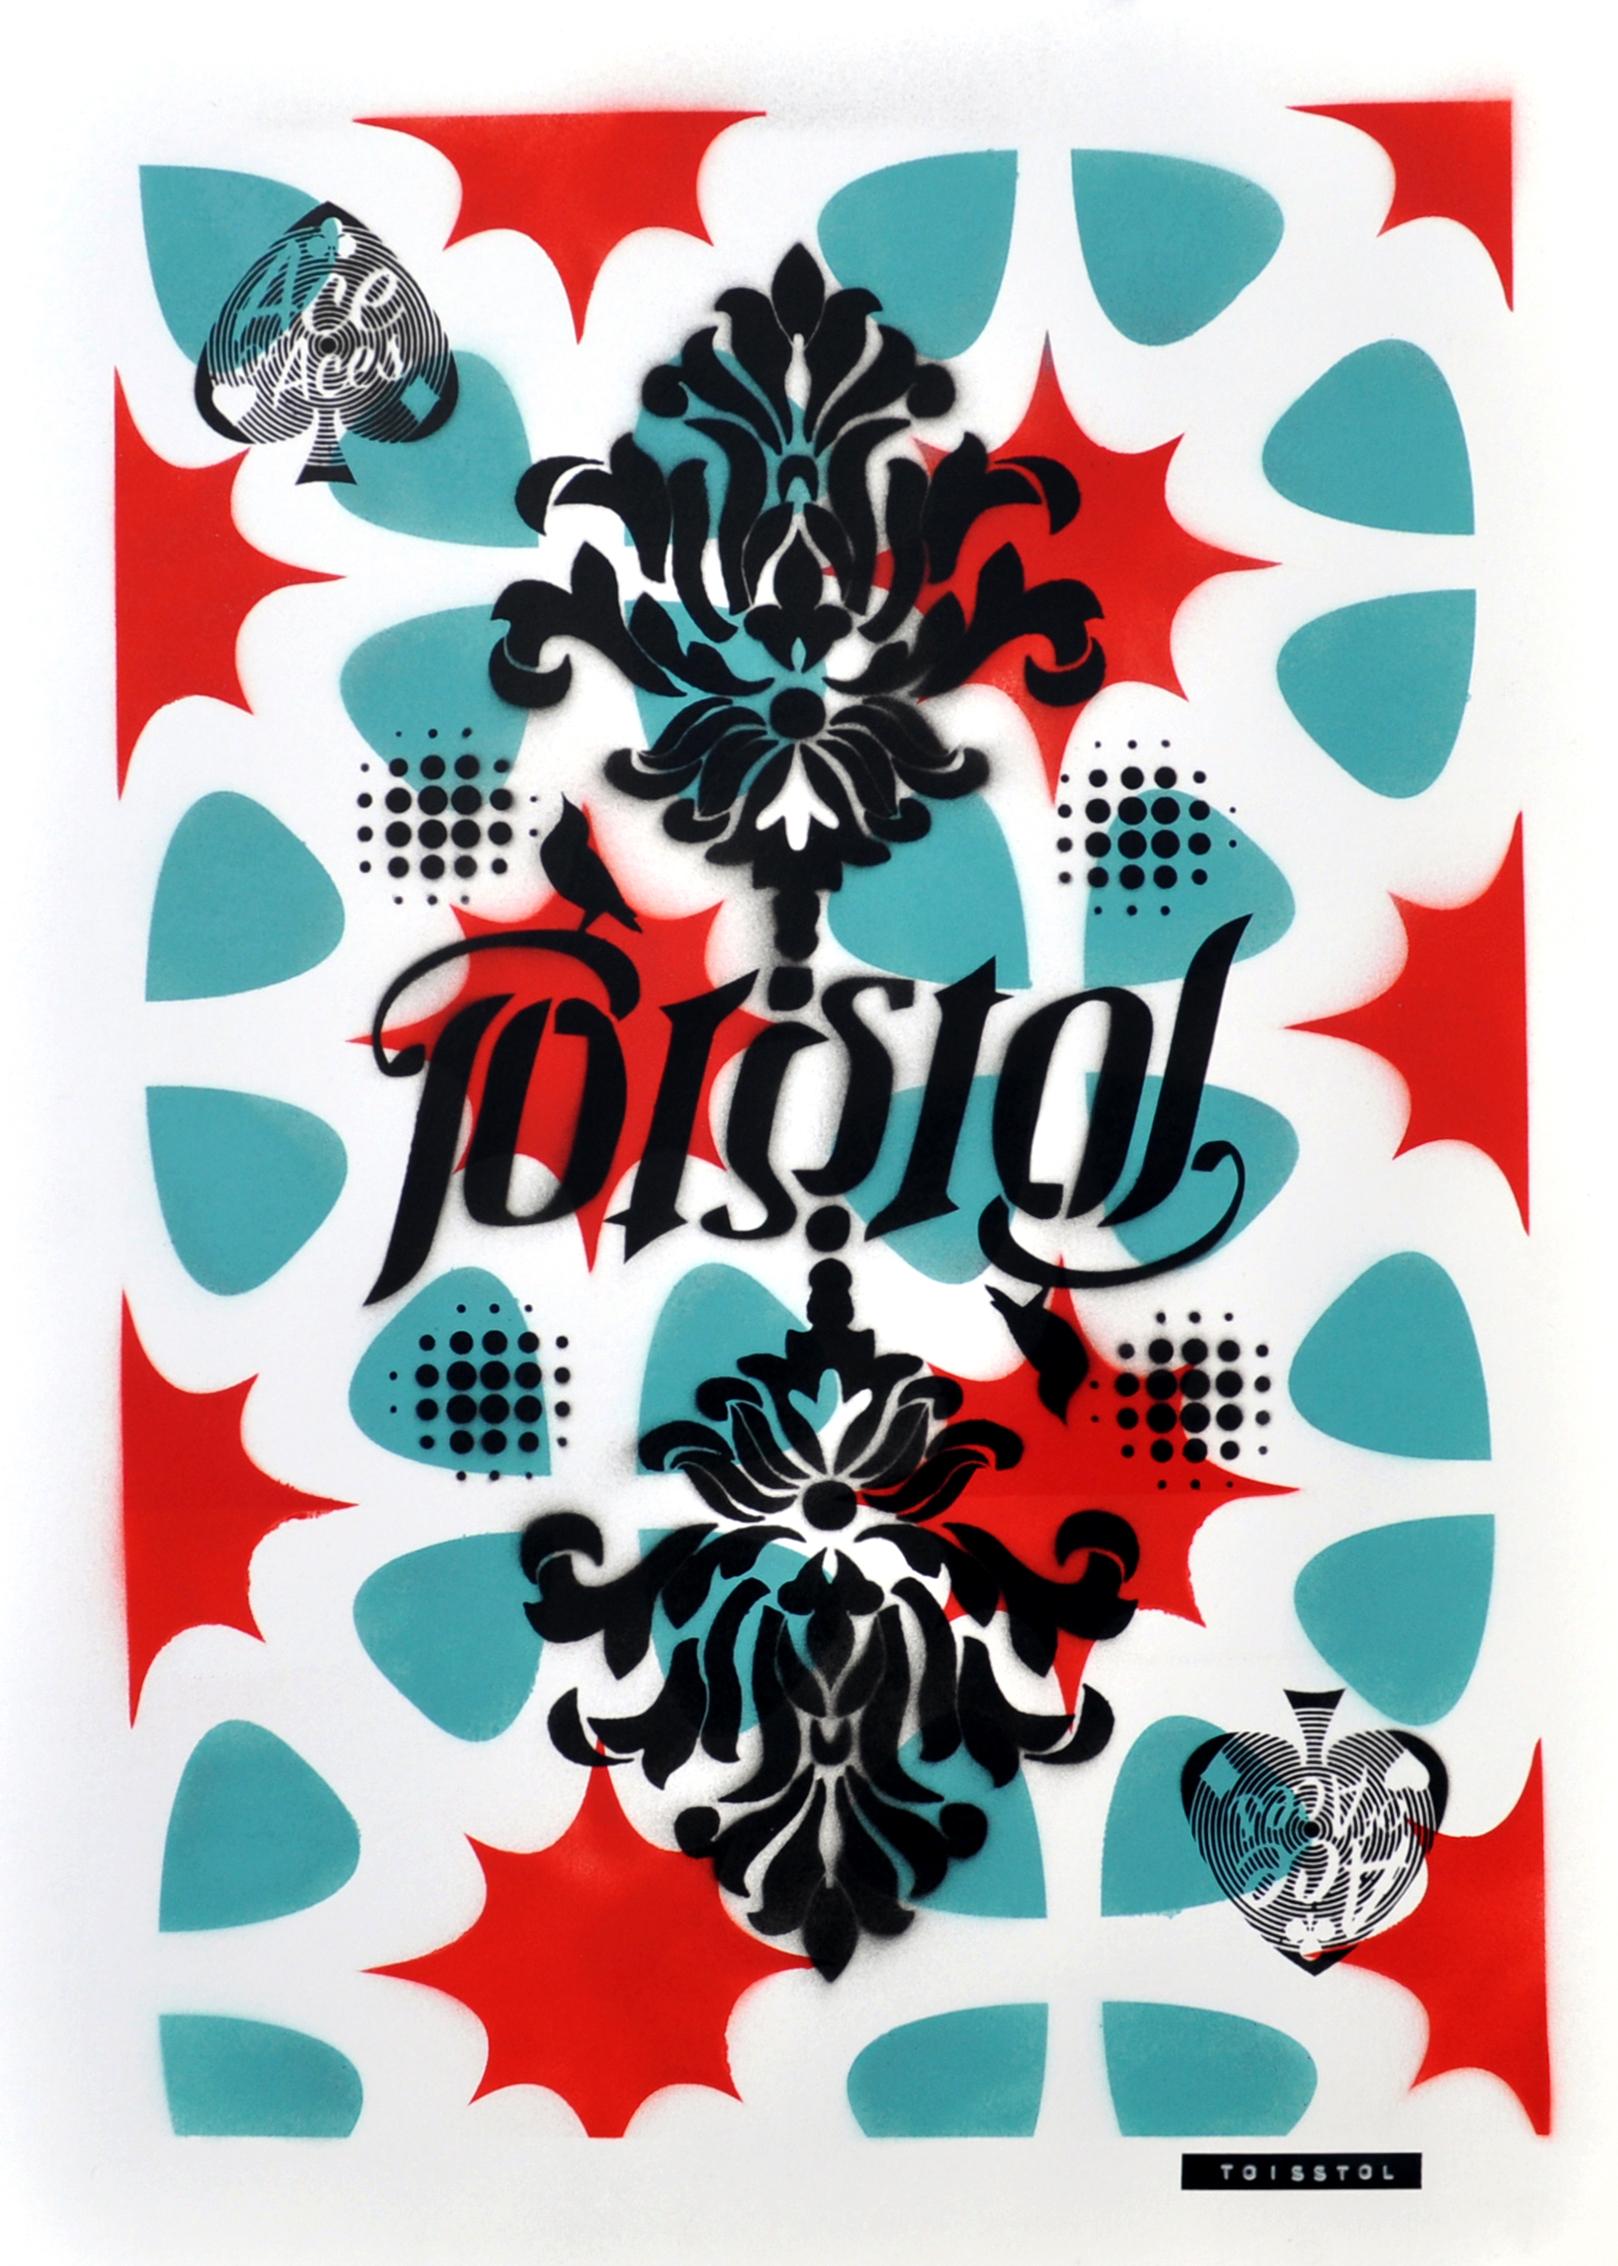 Bristol Ambigram Blue Red Wallpaper Upfest 1618x2266